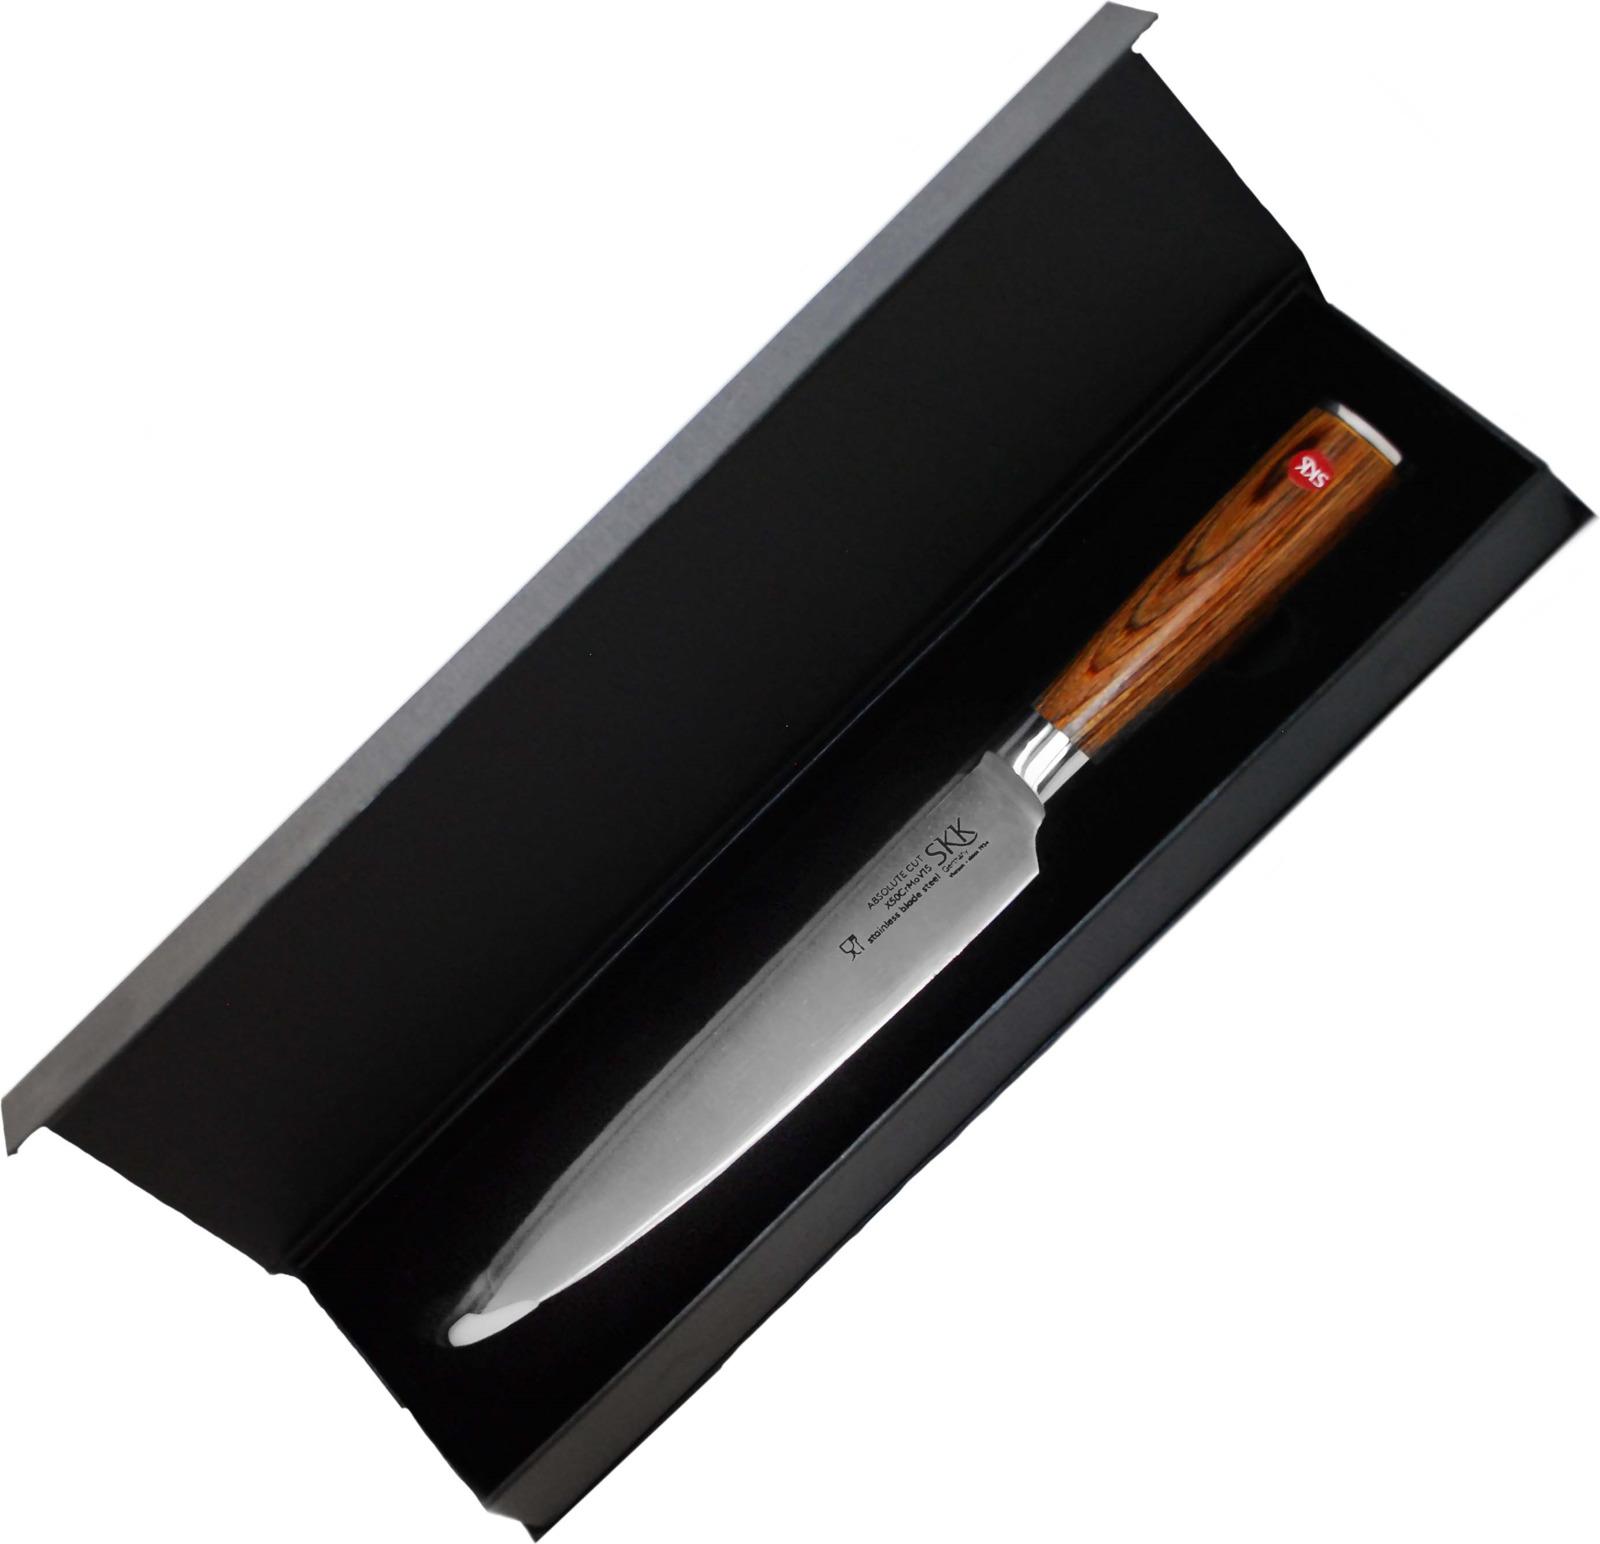 Нож SKK Absolute, разделочный, BQ-0784, длина лезвия 20 см